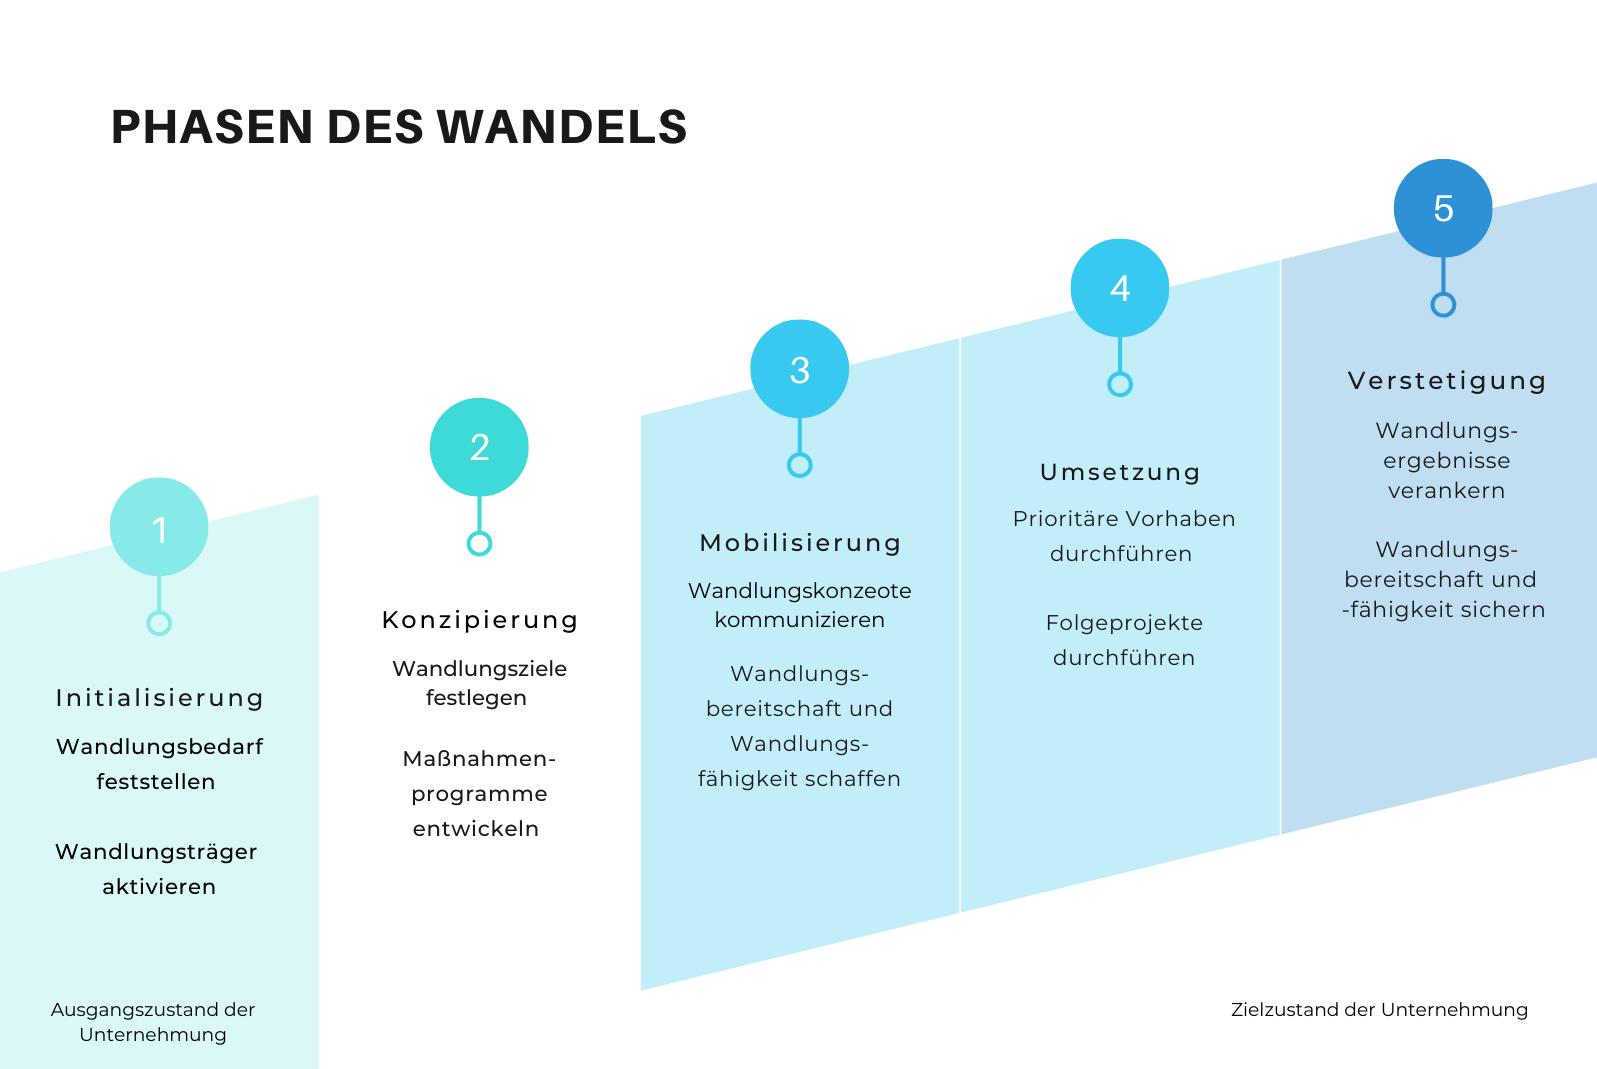 Die fünf Phasen des Wandels nach Krüger